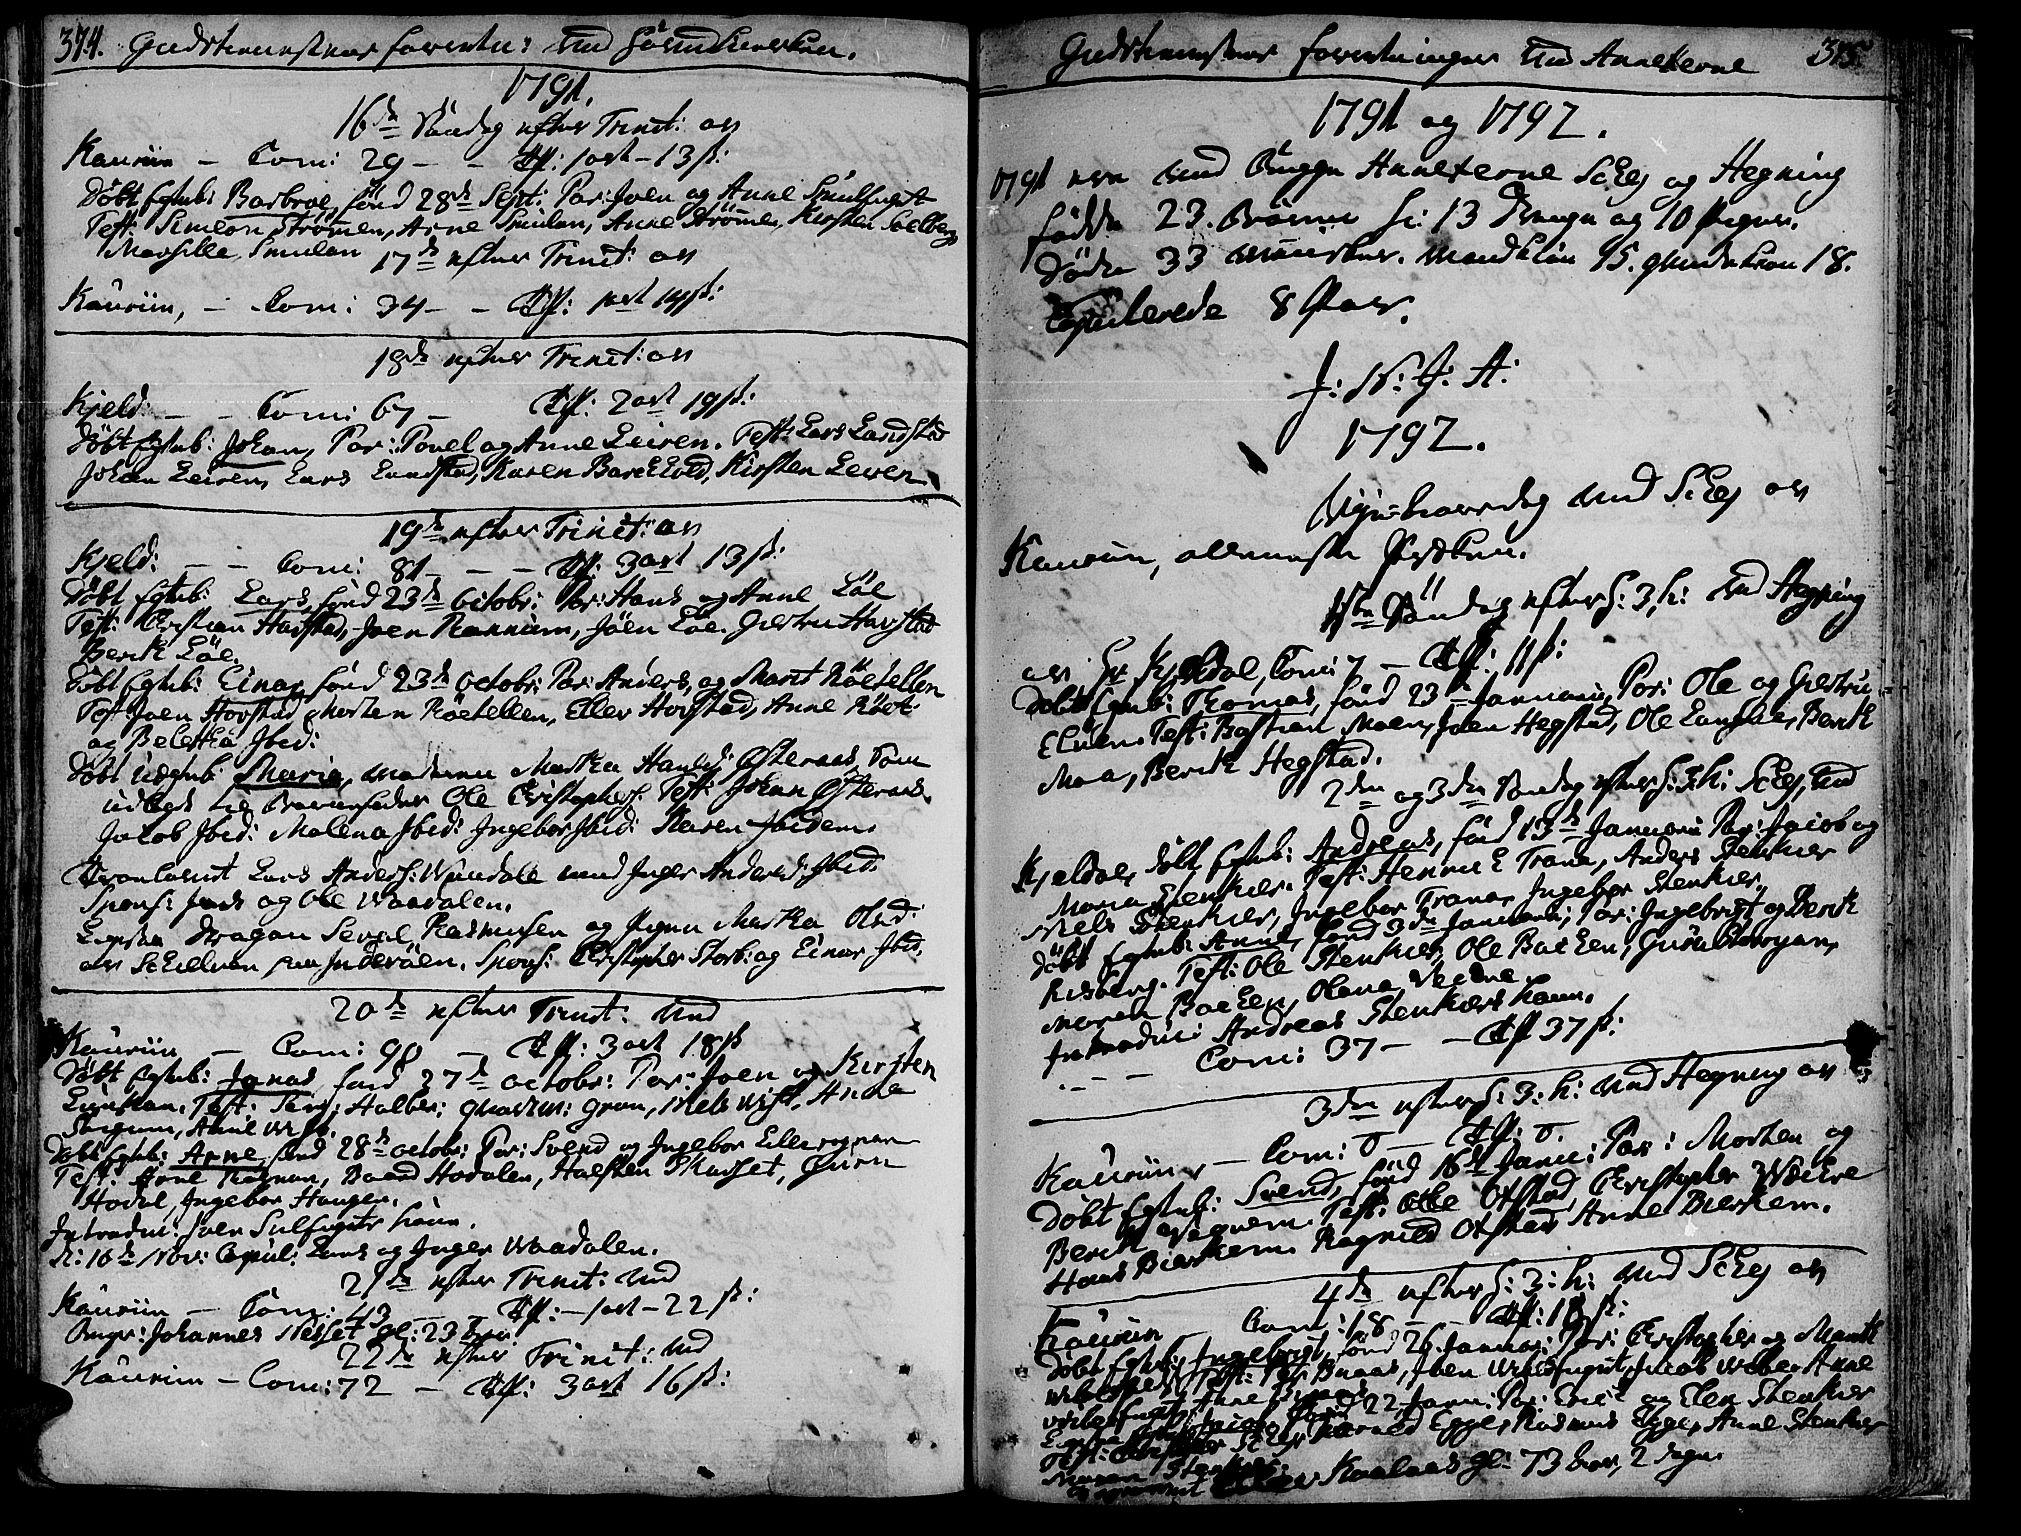 SAT, Ministerialprotokoller, klokkerbøker og fødselsregistre - Nord-Trøndelag, 735/L0331: Ministerialbok nr. 735A02, 1762-1794, s. 374-375